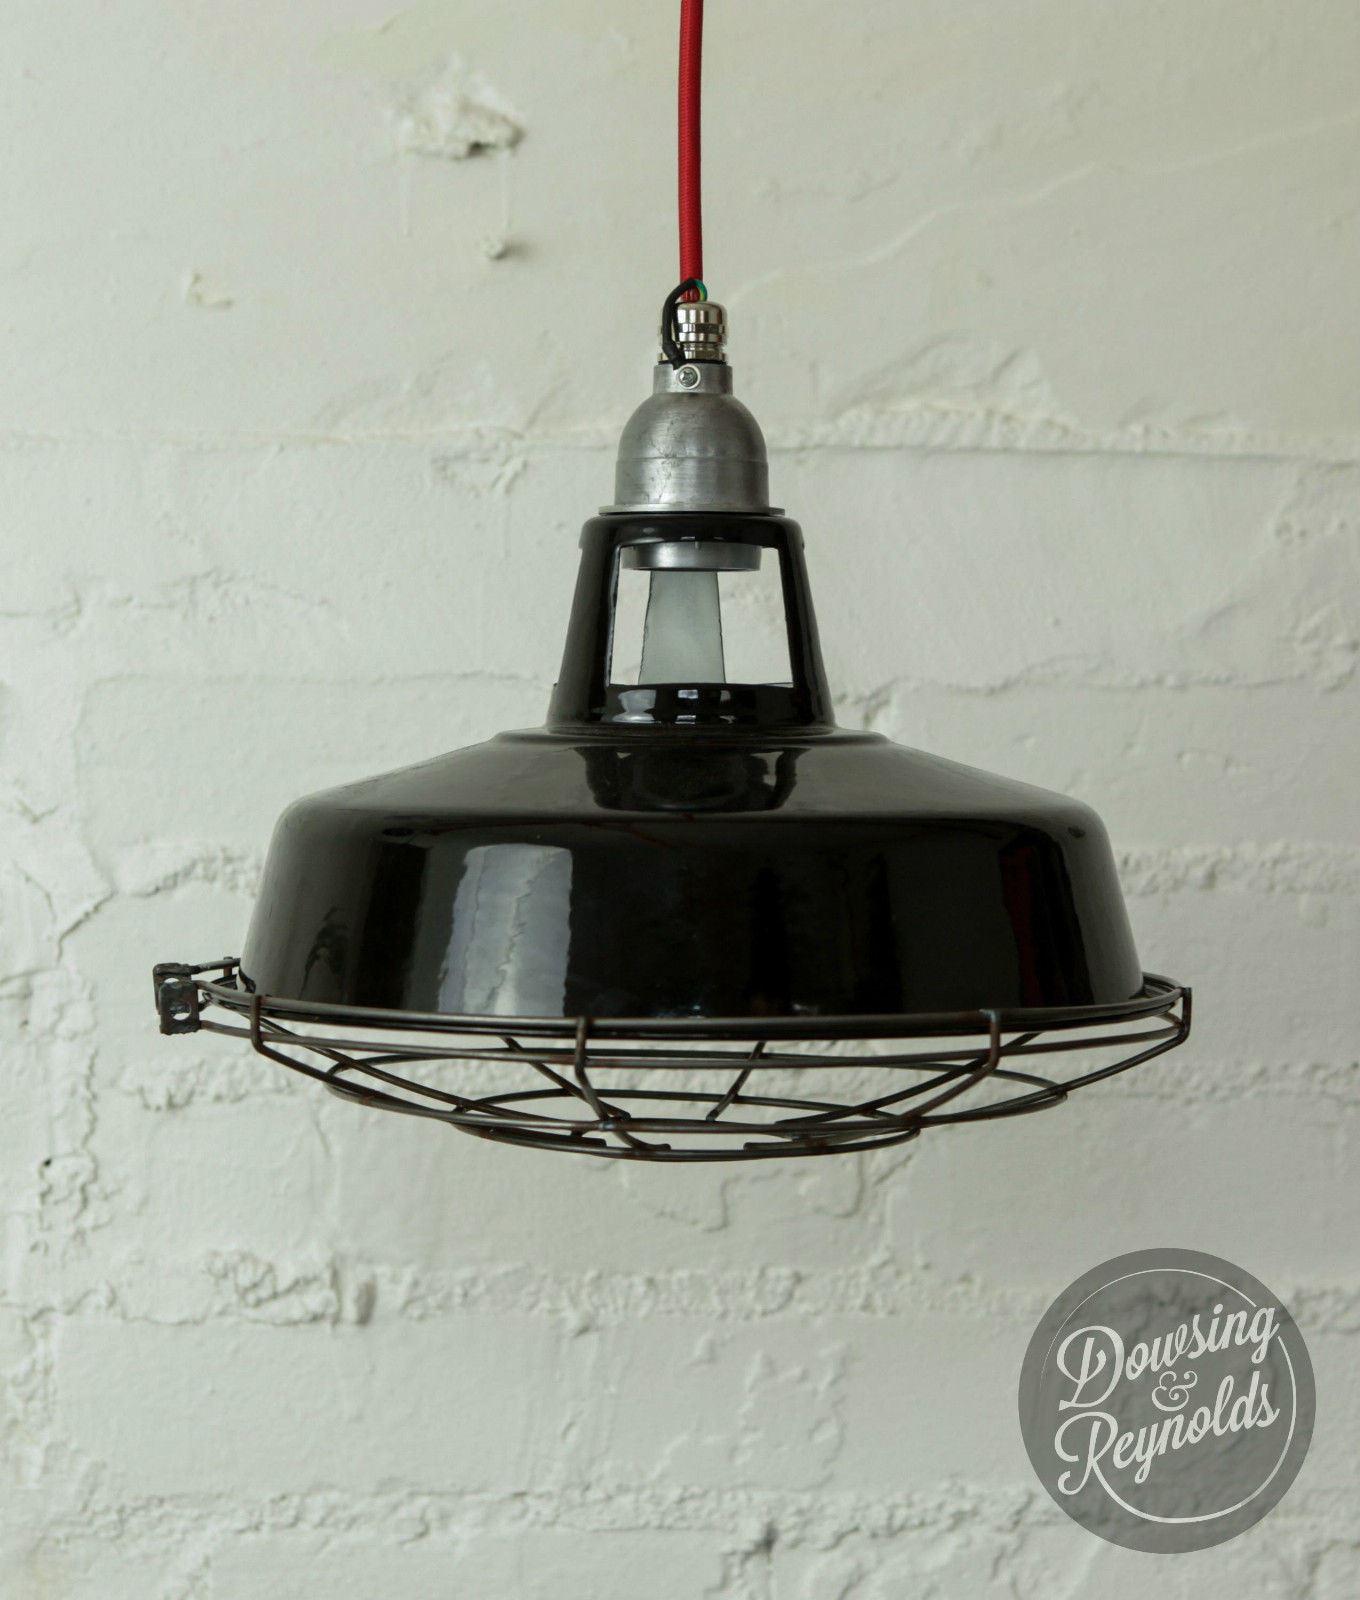 lampadari industriali vintage : ... DA-SOFFITTO-SMALTO-NERO-Vintage-industriali-con-cavo-in-tessuto-ombra